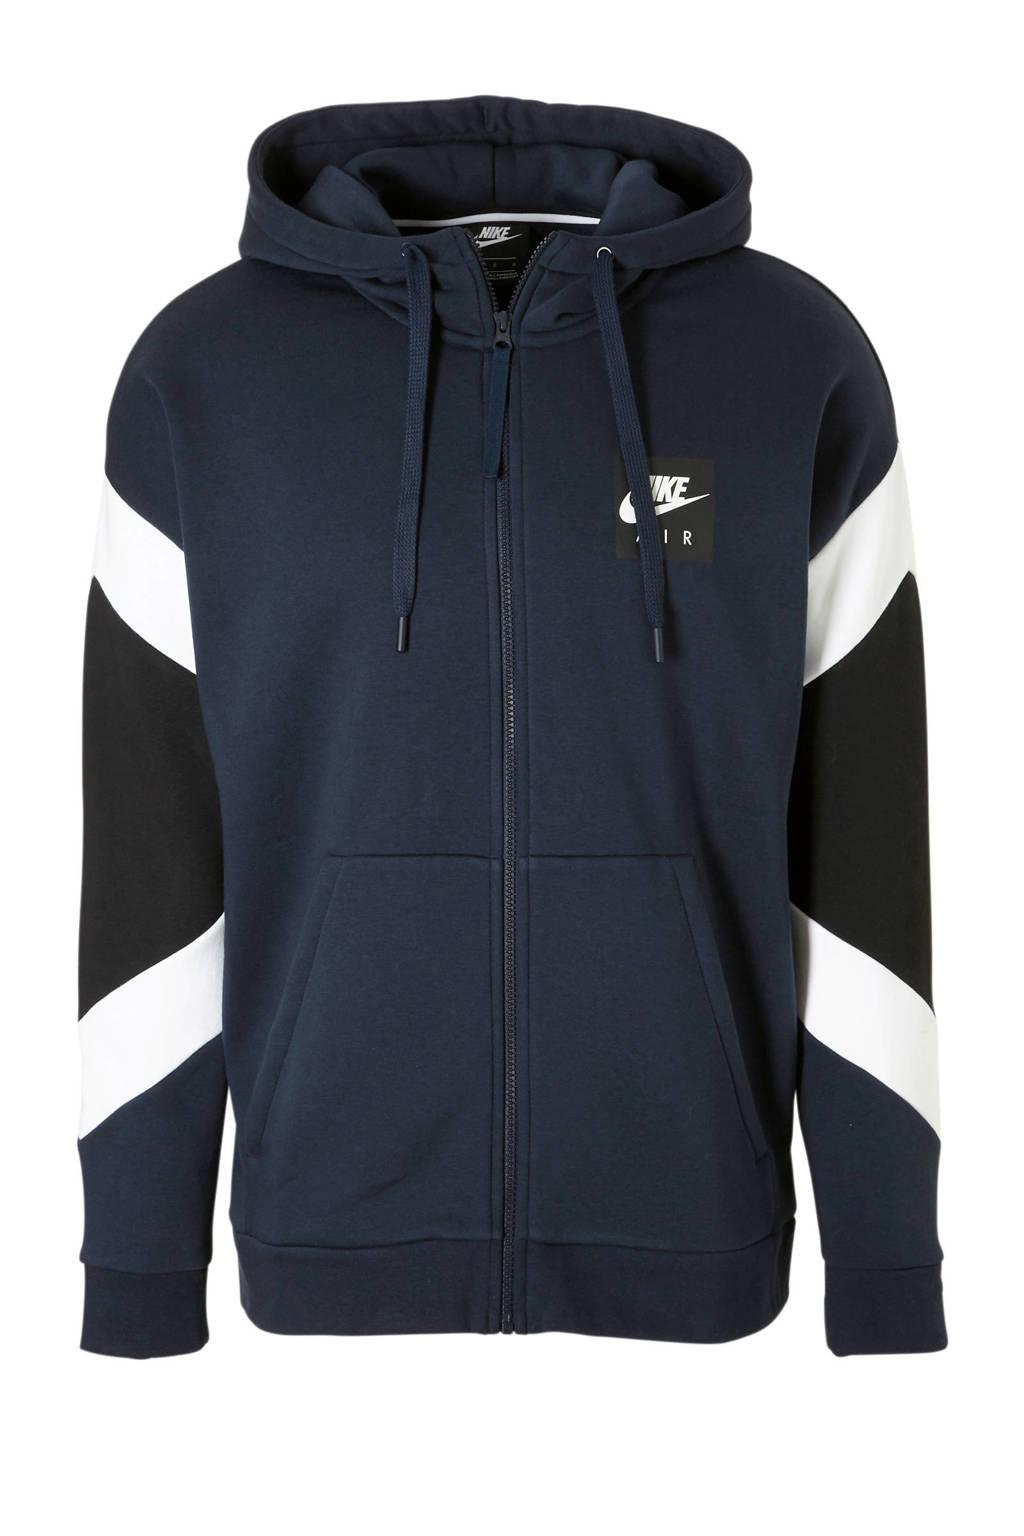 Nike   sweatvest donkerblauw, Donkerblauw